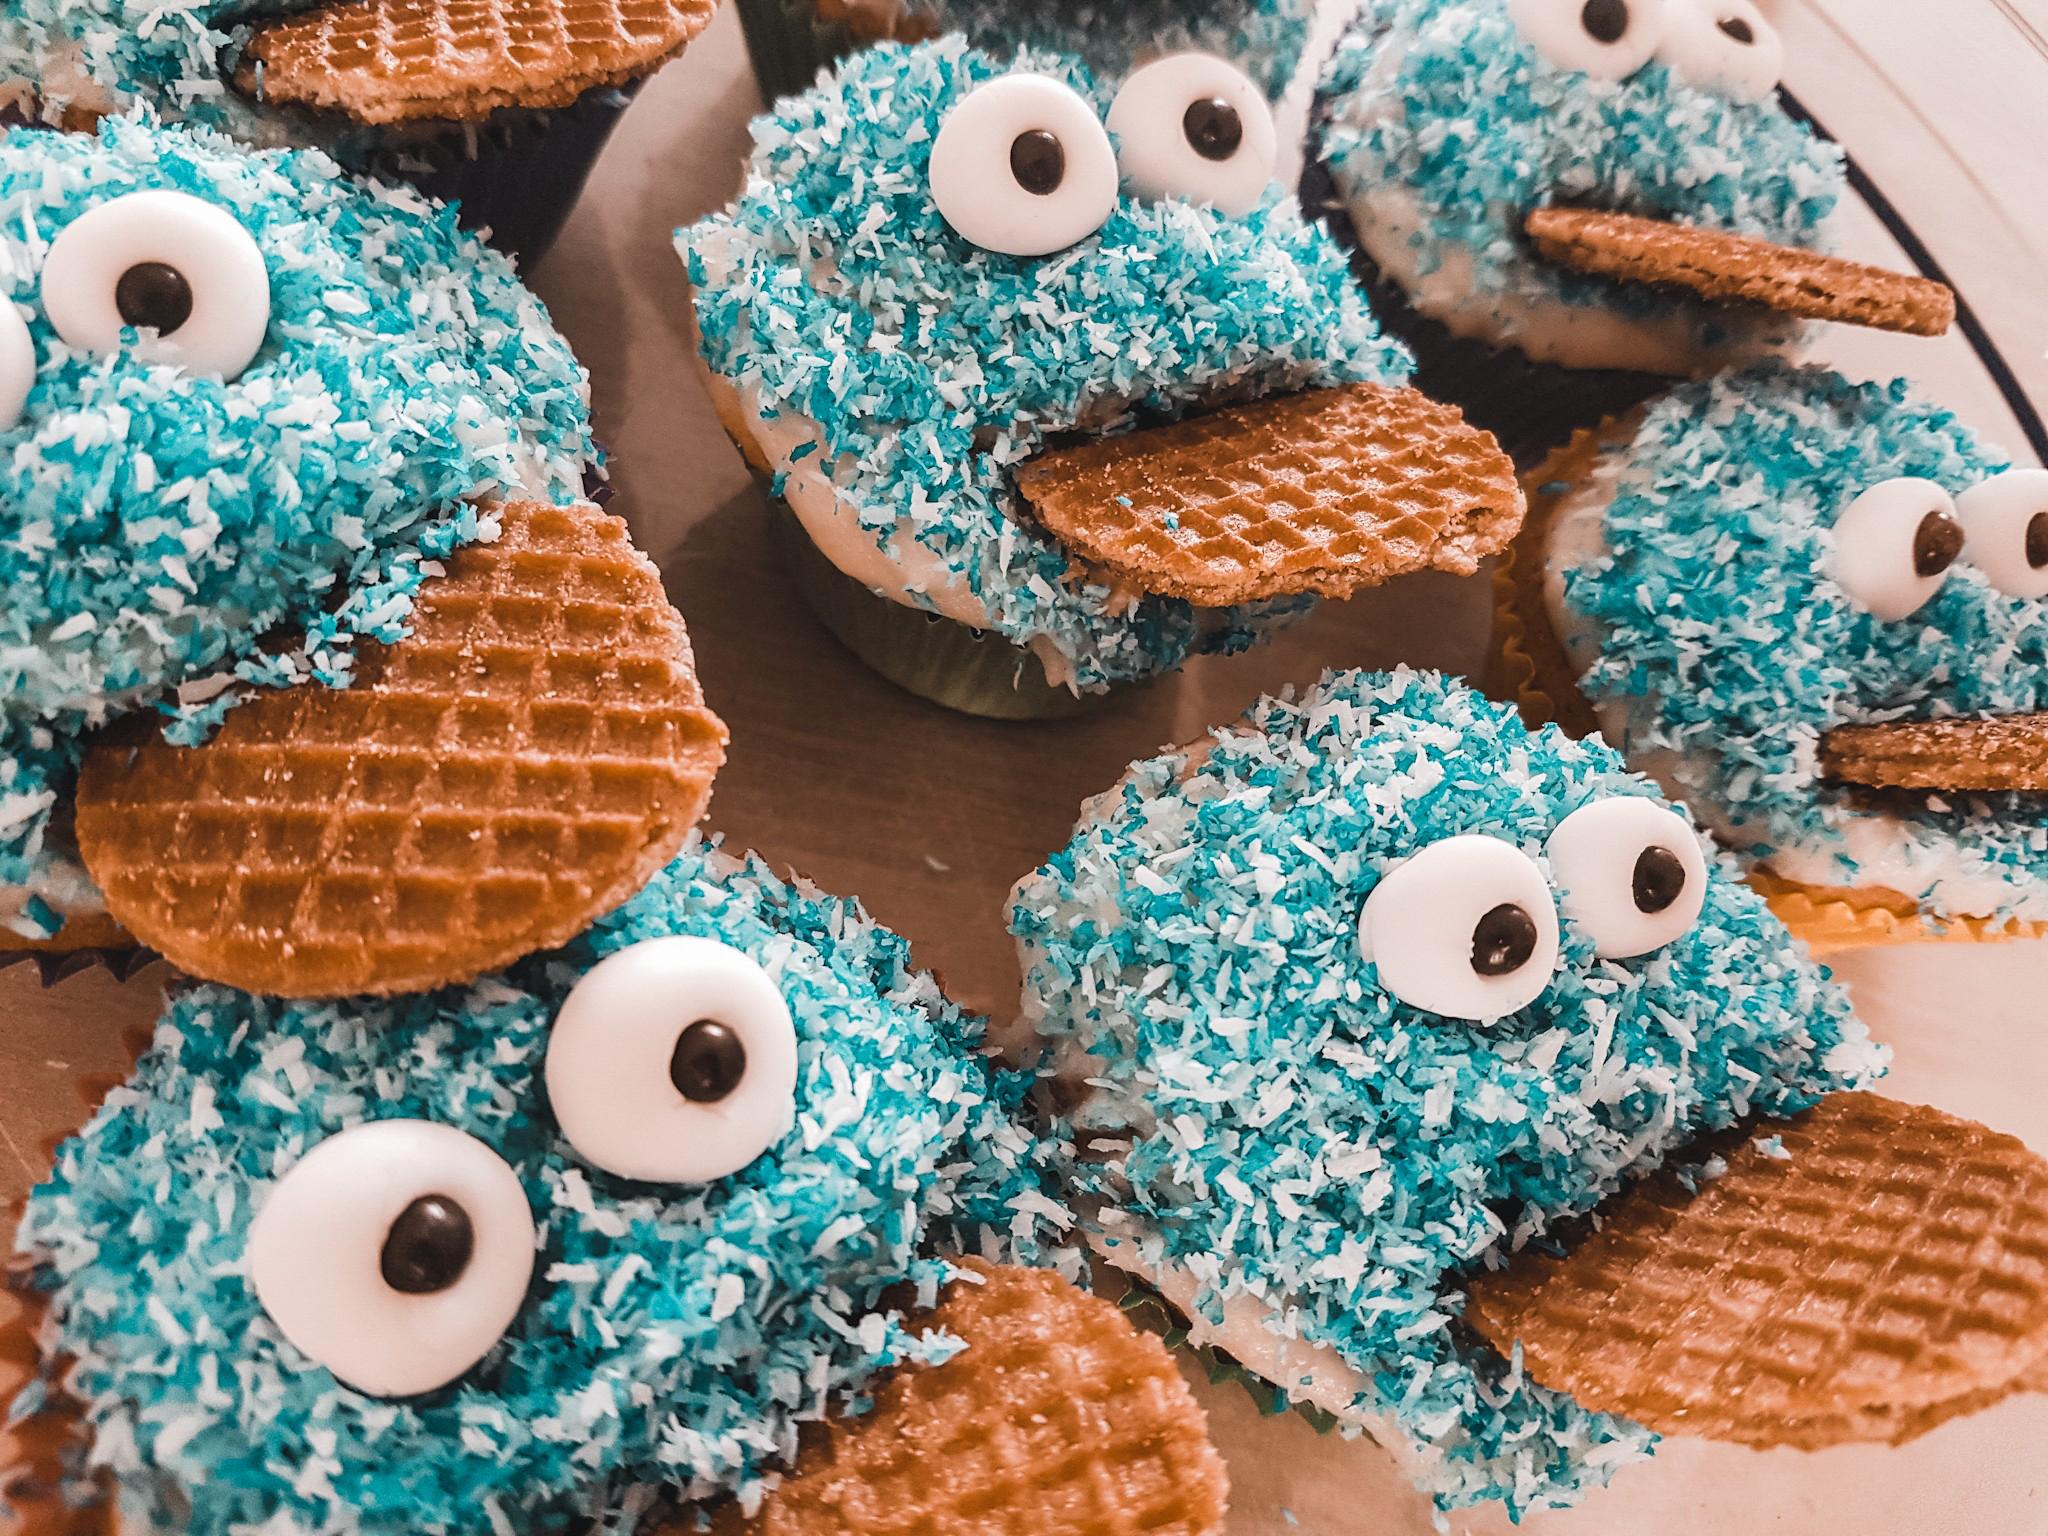 koekiemonster cupcake